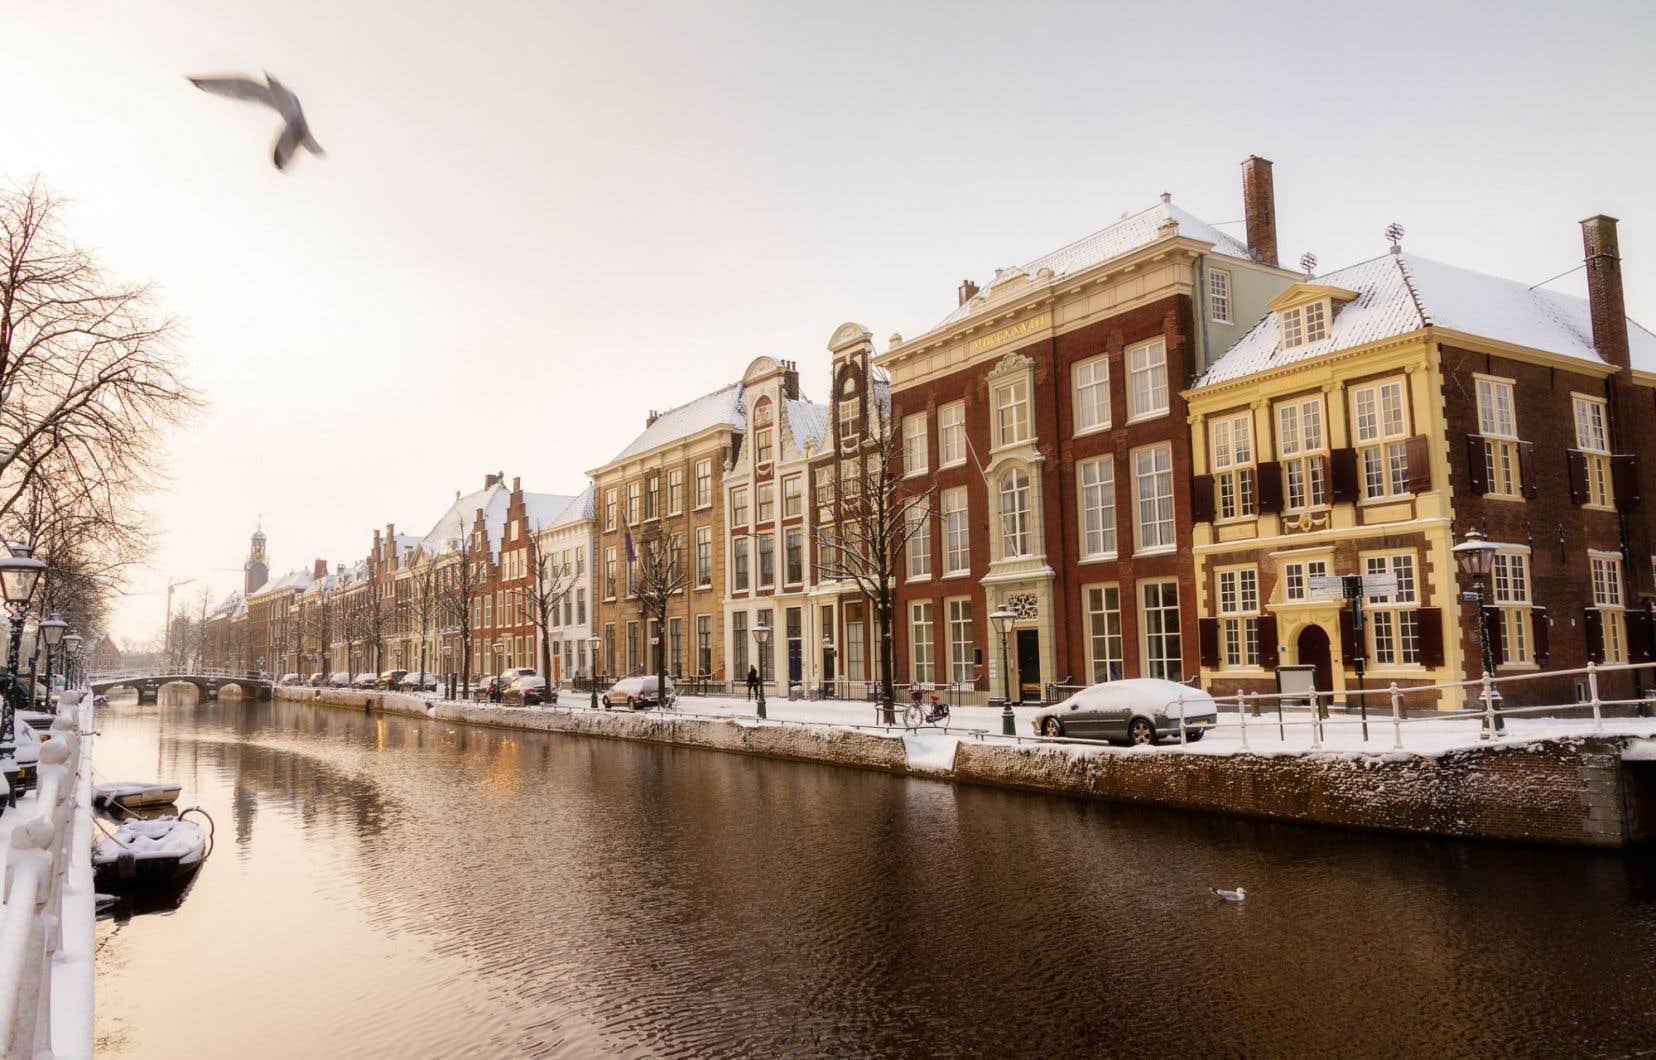 Amsterdam, qui compte 830 000 habitants, accueille chaque année 17 millions de voyageurs.